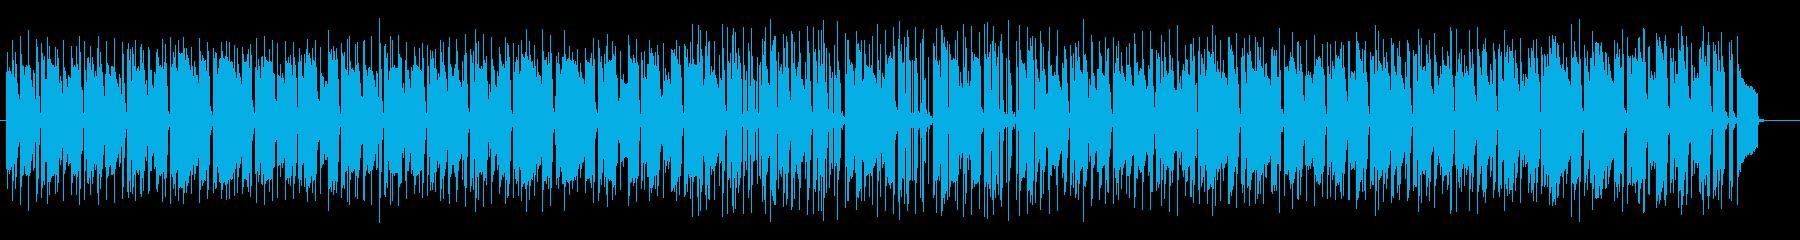 軽快でまろやかなボサノバ調ポップの再生済みの波形